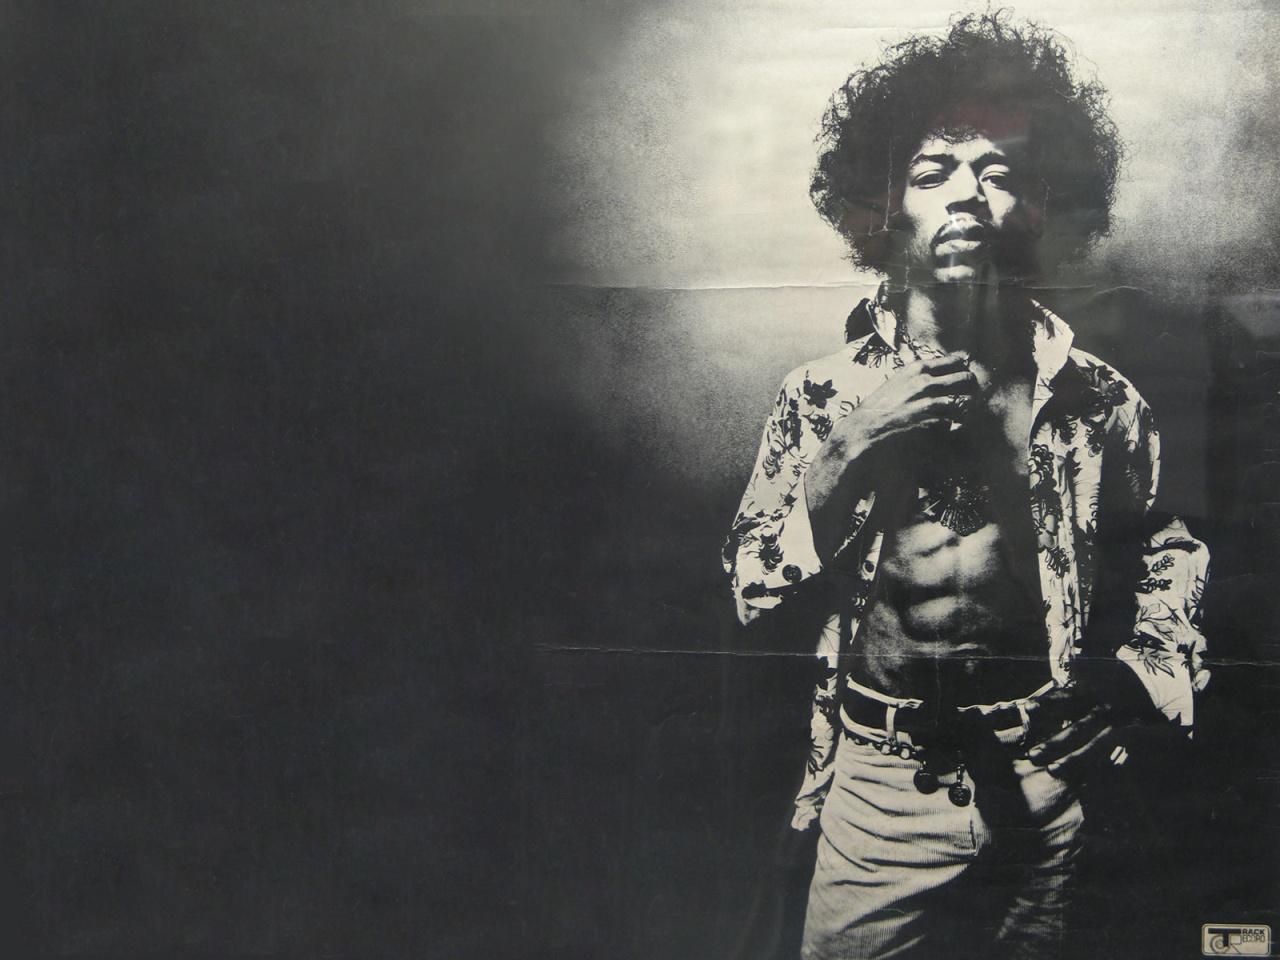 Free Download Jimi Hendrix Wallpapers Full Hd Qy3j162 4usky